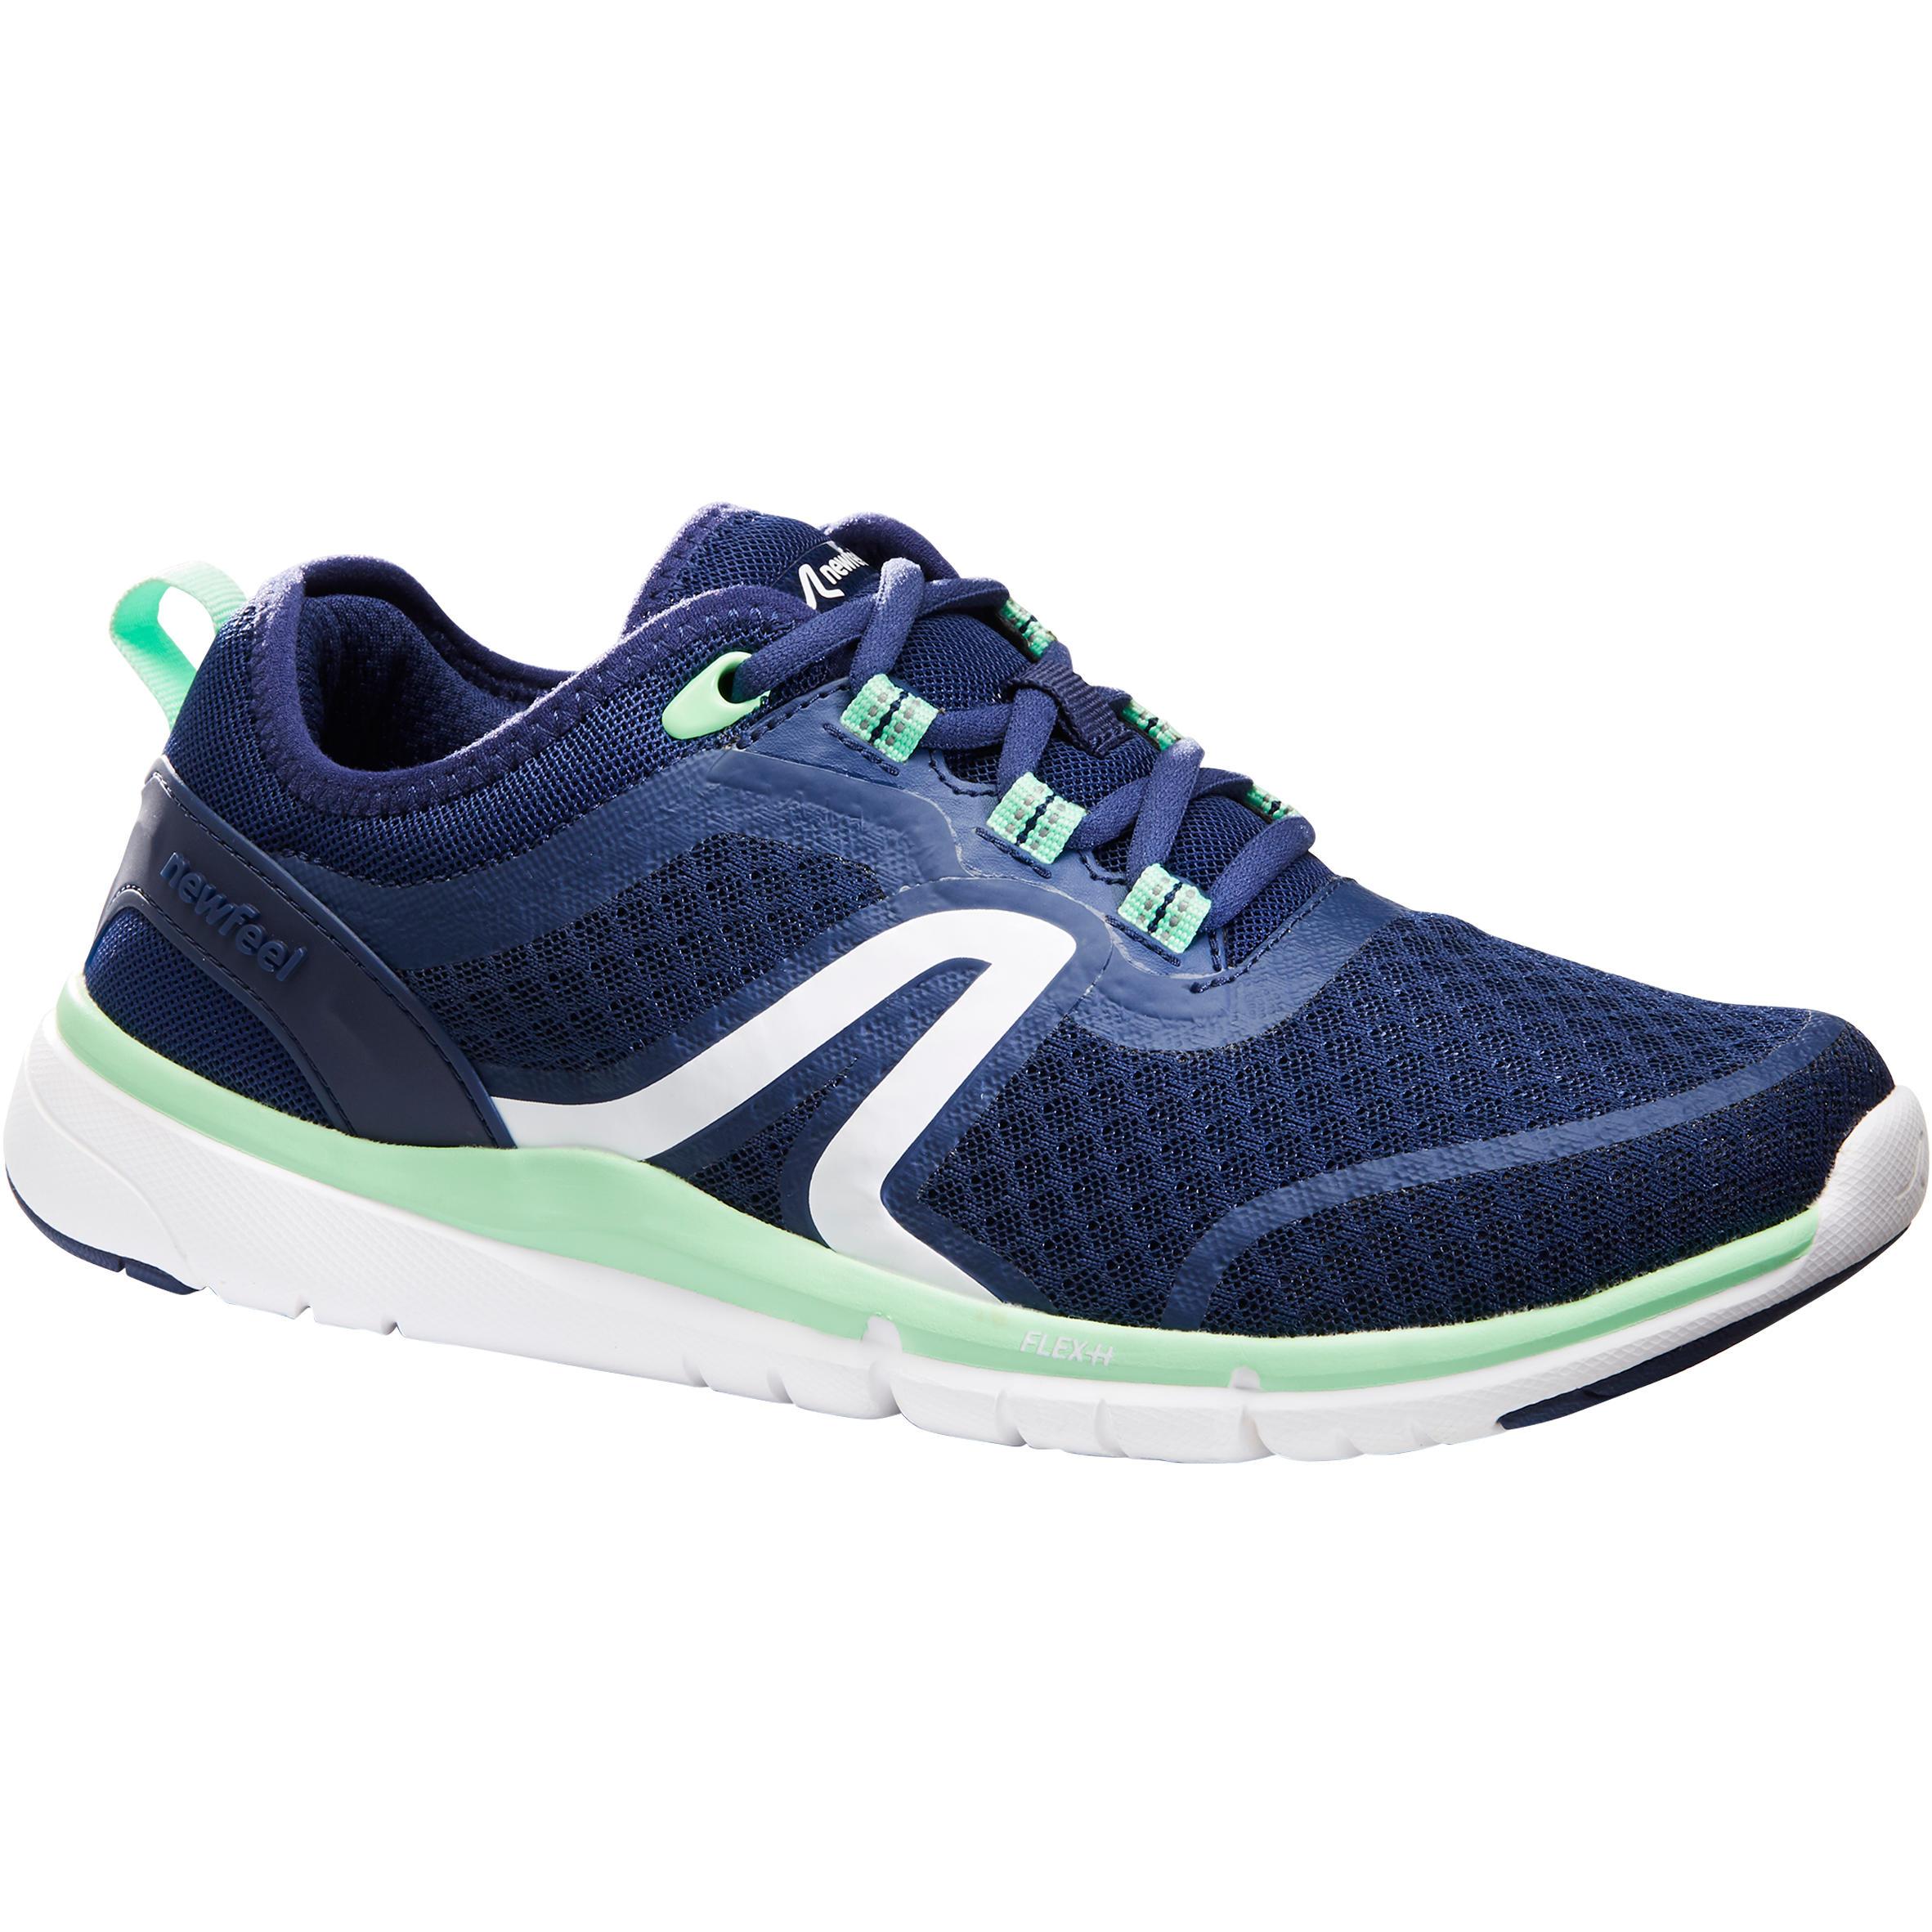 Newfeel Damessneakers voor sportief wandelen Soft 540 mesh